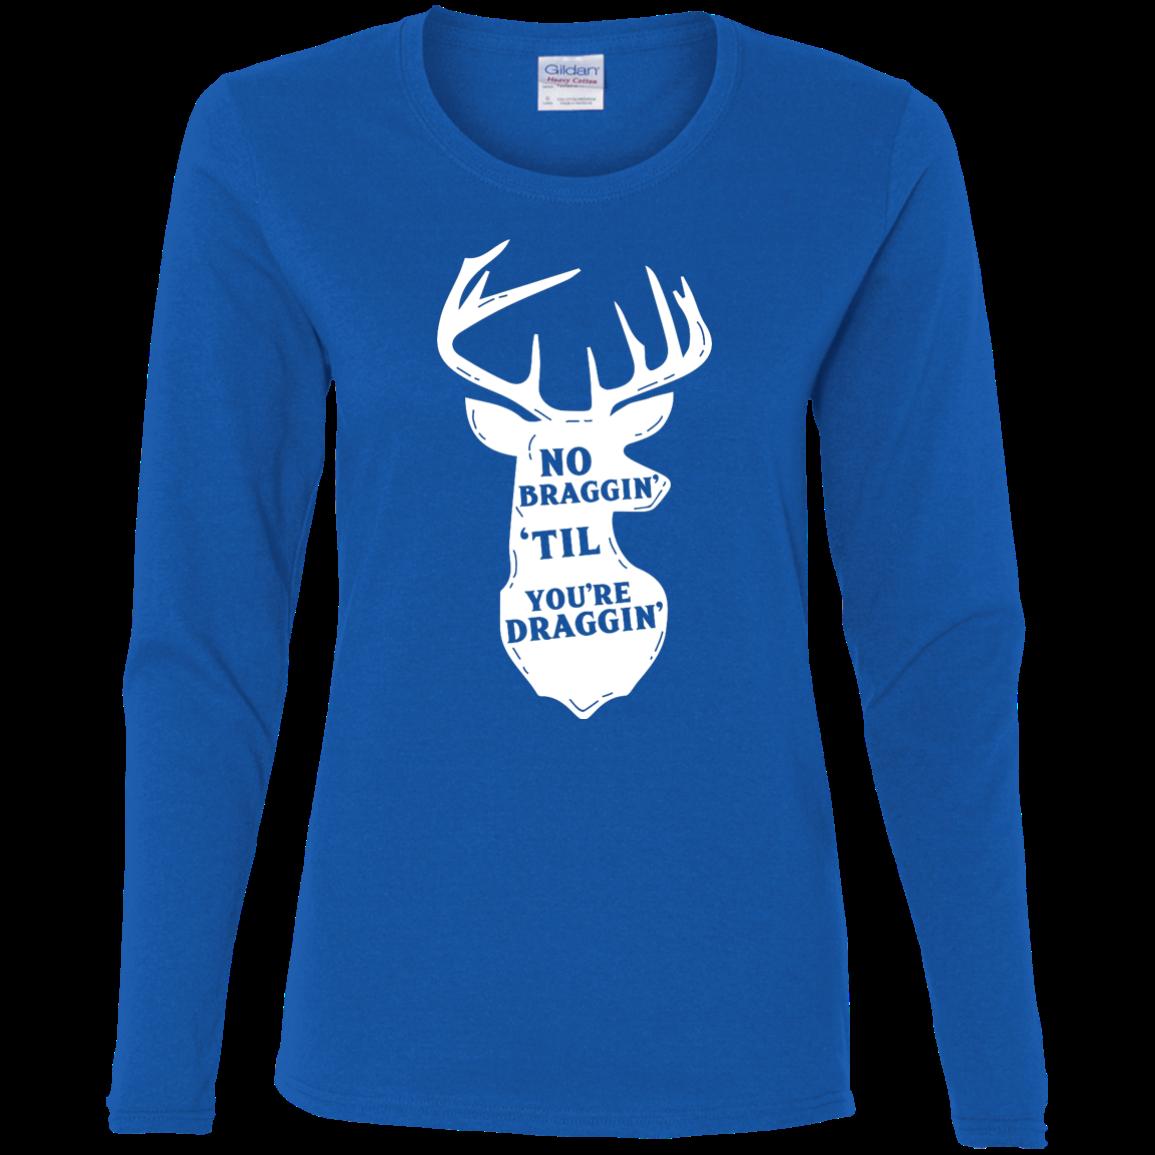 Gildan Ladies' Cotton LS TShirt Long sleeve tshirt, T shirt